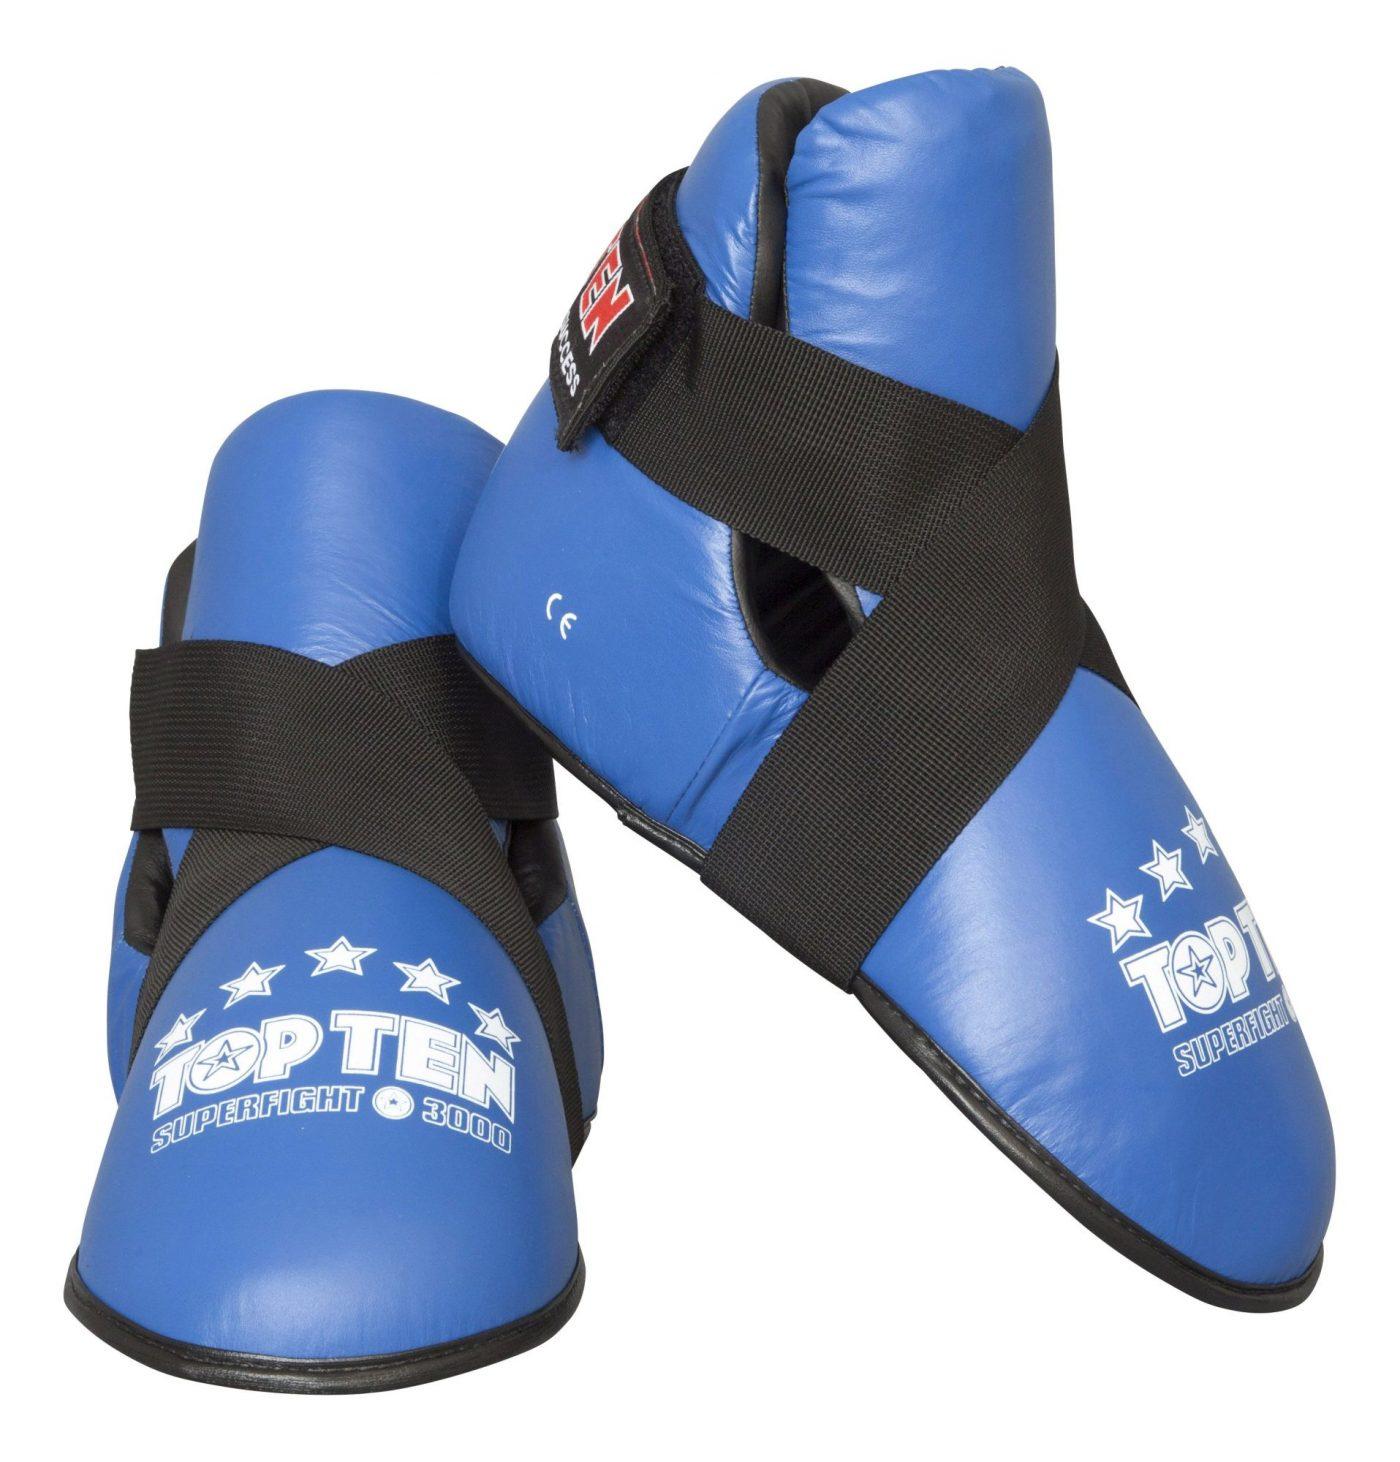 """TOP TEN Kicks """"Superfight 3000"""" voetbeschermers Blauw"""